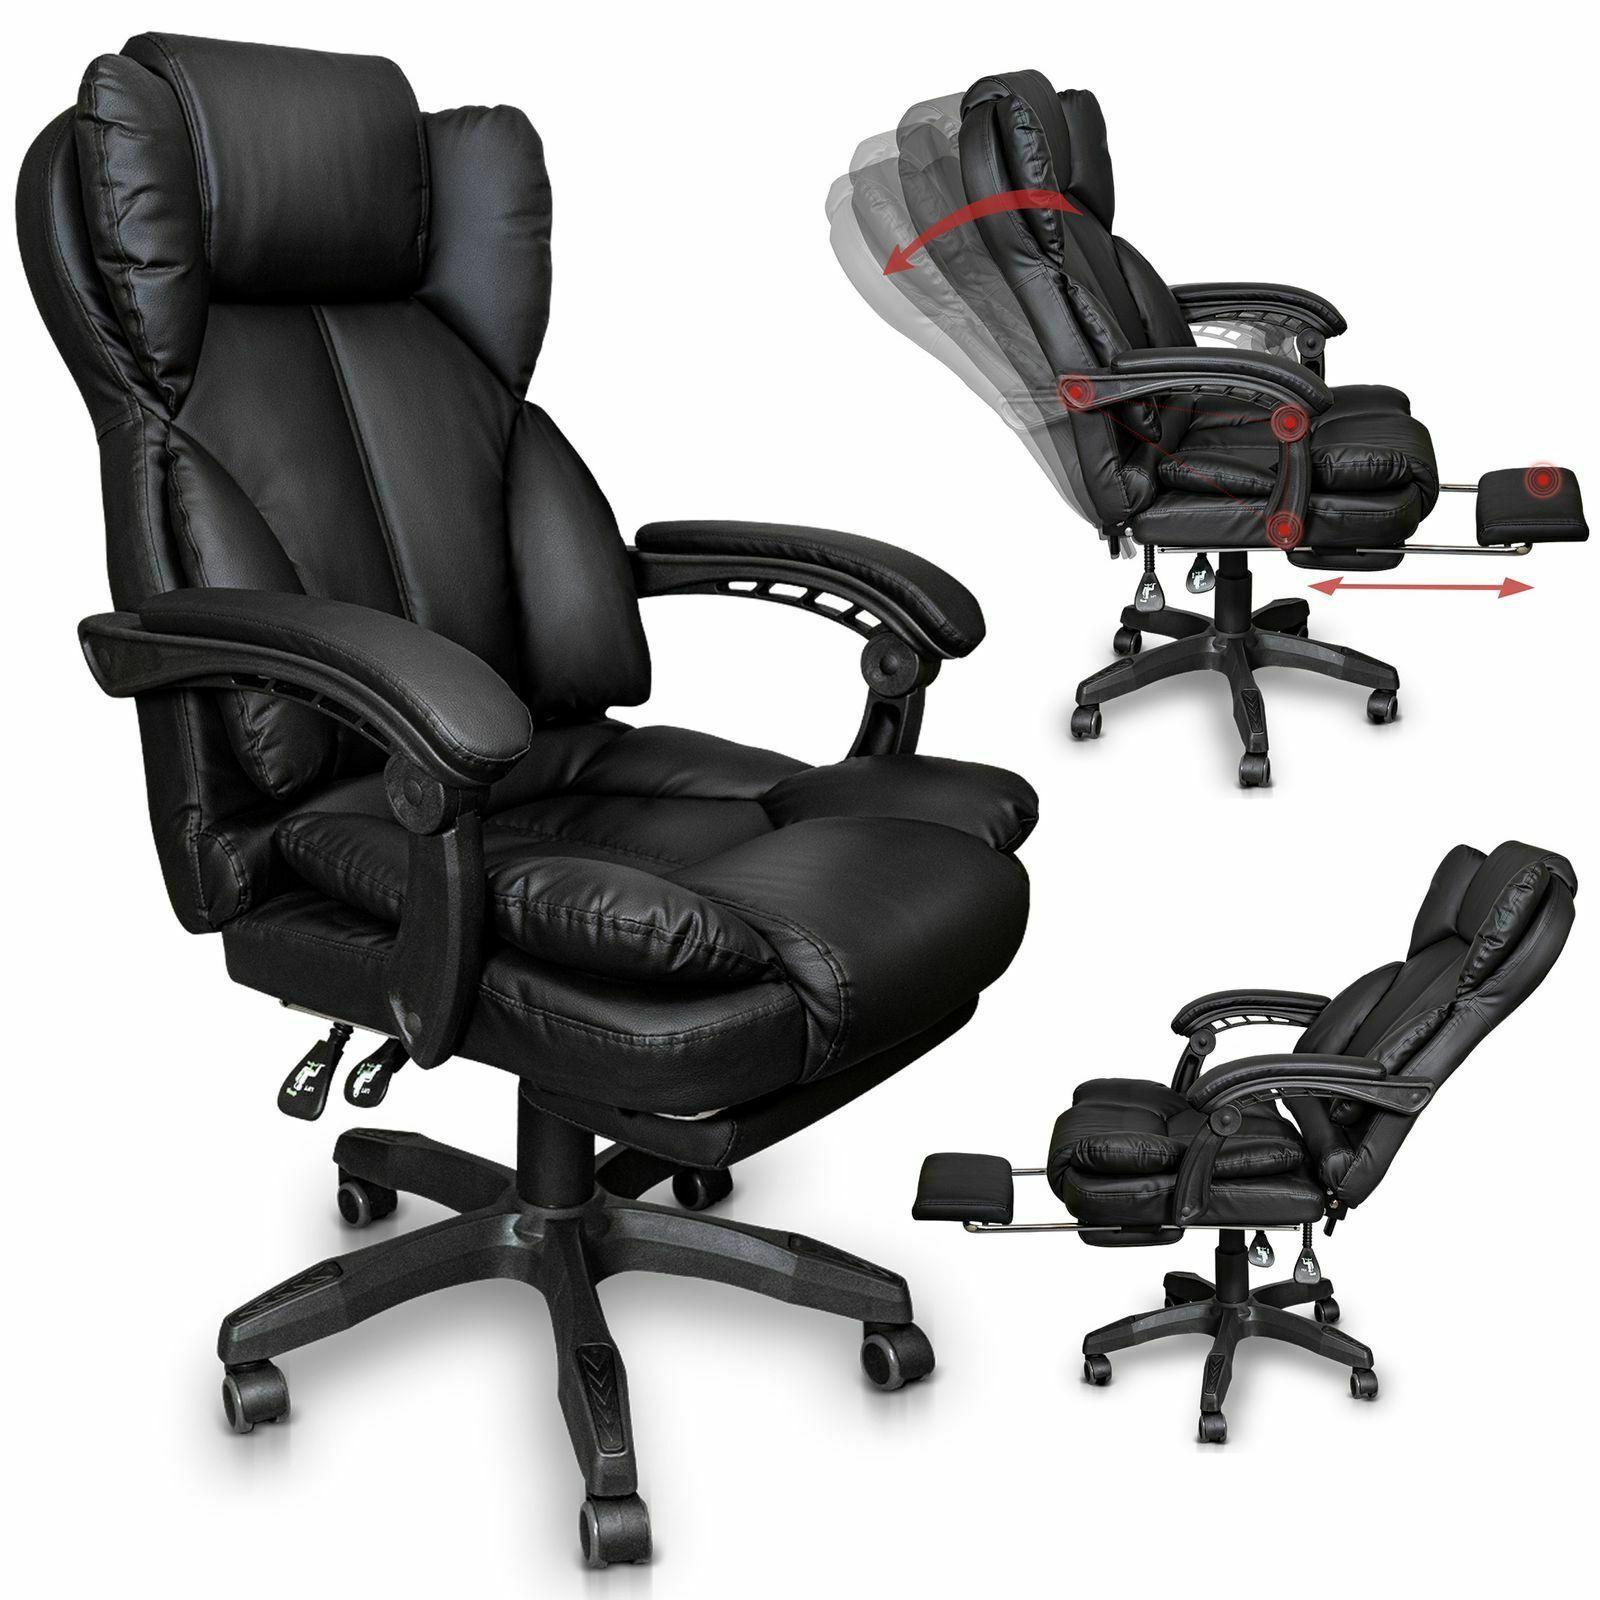 Schreibtischstuhl Burostuhl Gamingstuhl Racing Chair Chefsessel Mit Fussstutze In 2020 Schreibtischstuhl Burostuhl Sessel